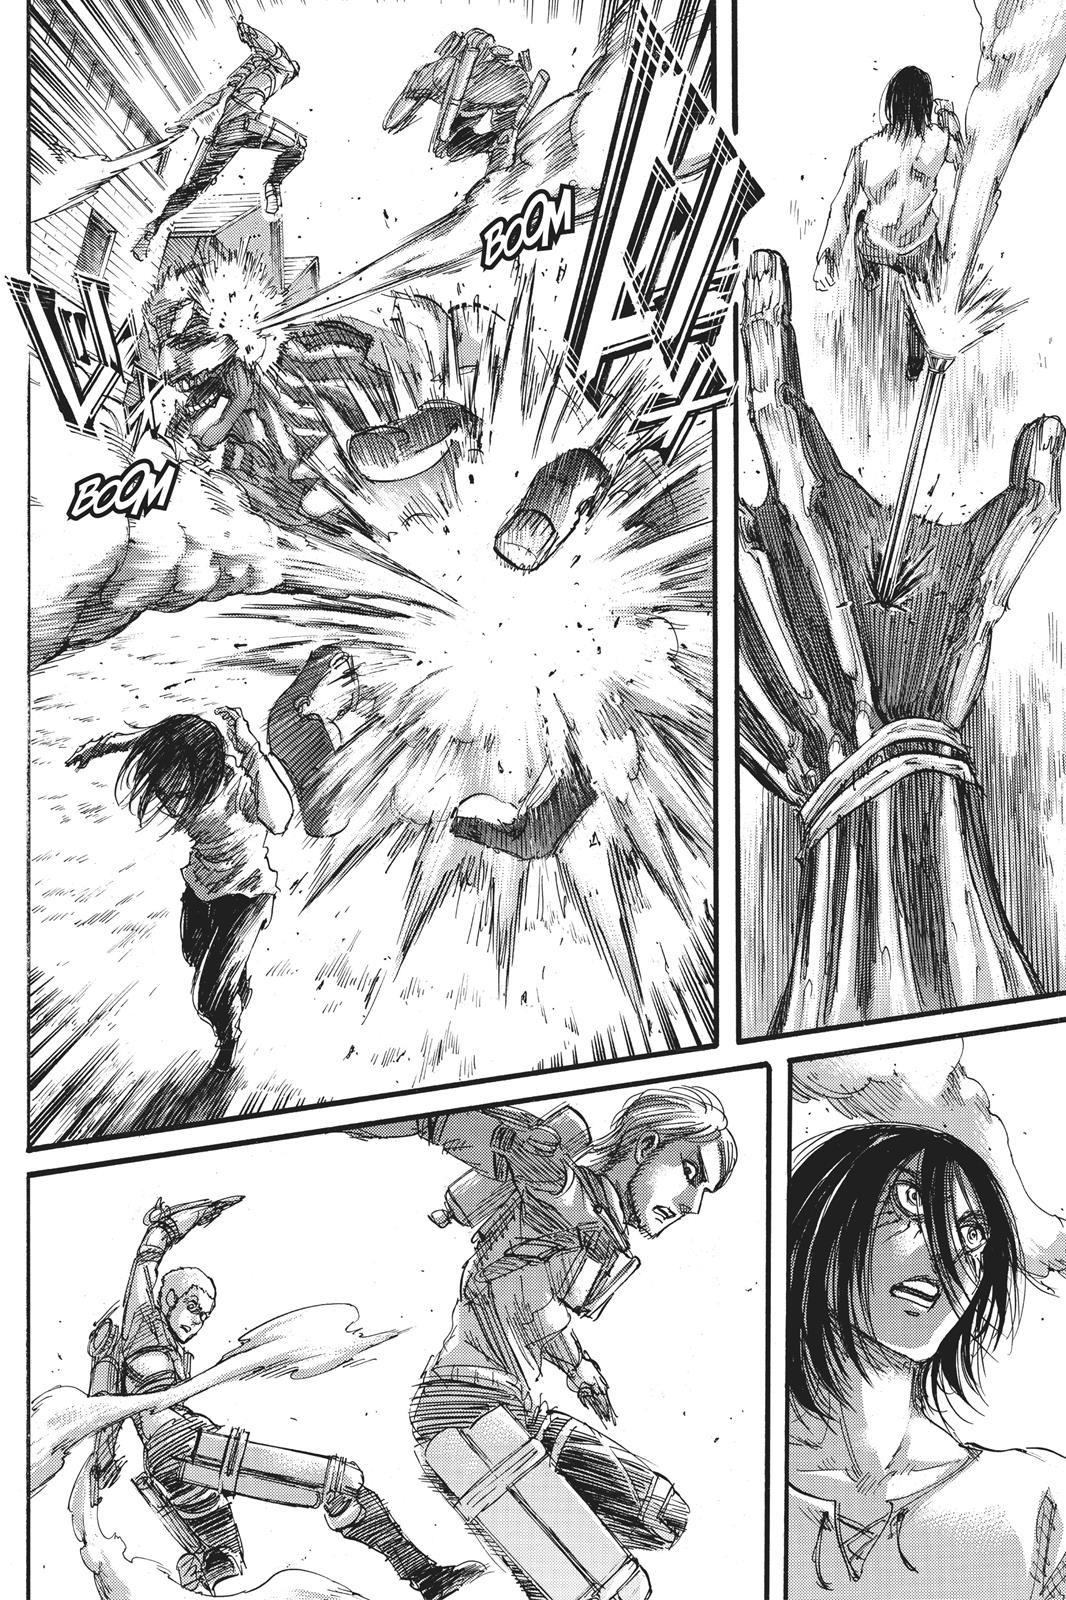 Shingeki no Kyojin Chapter 93 Read Shingeki no kyojin